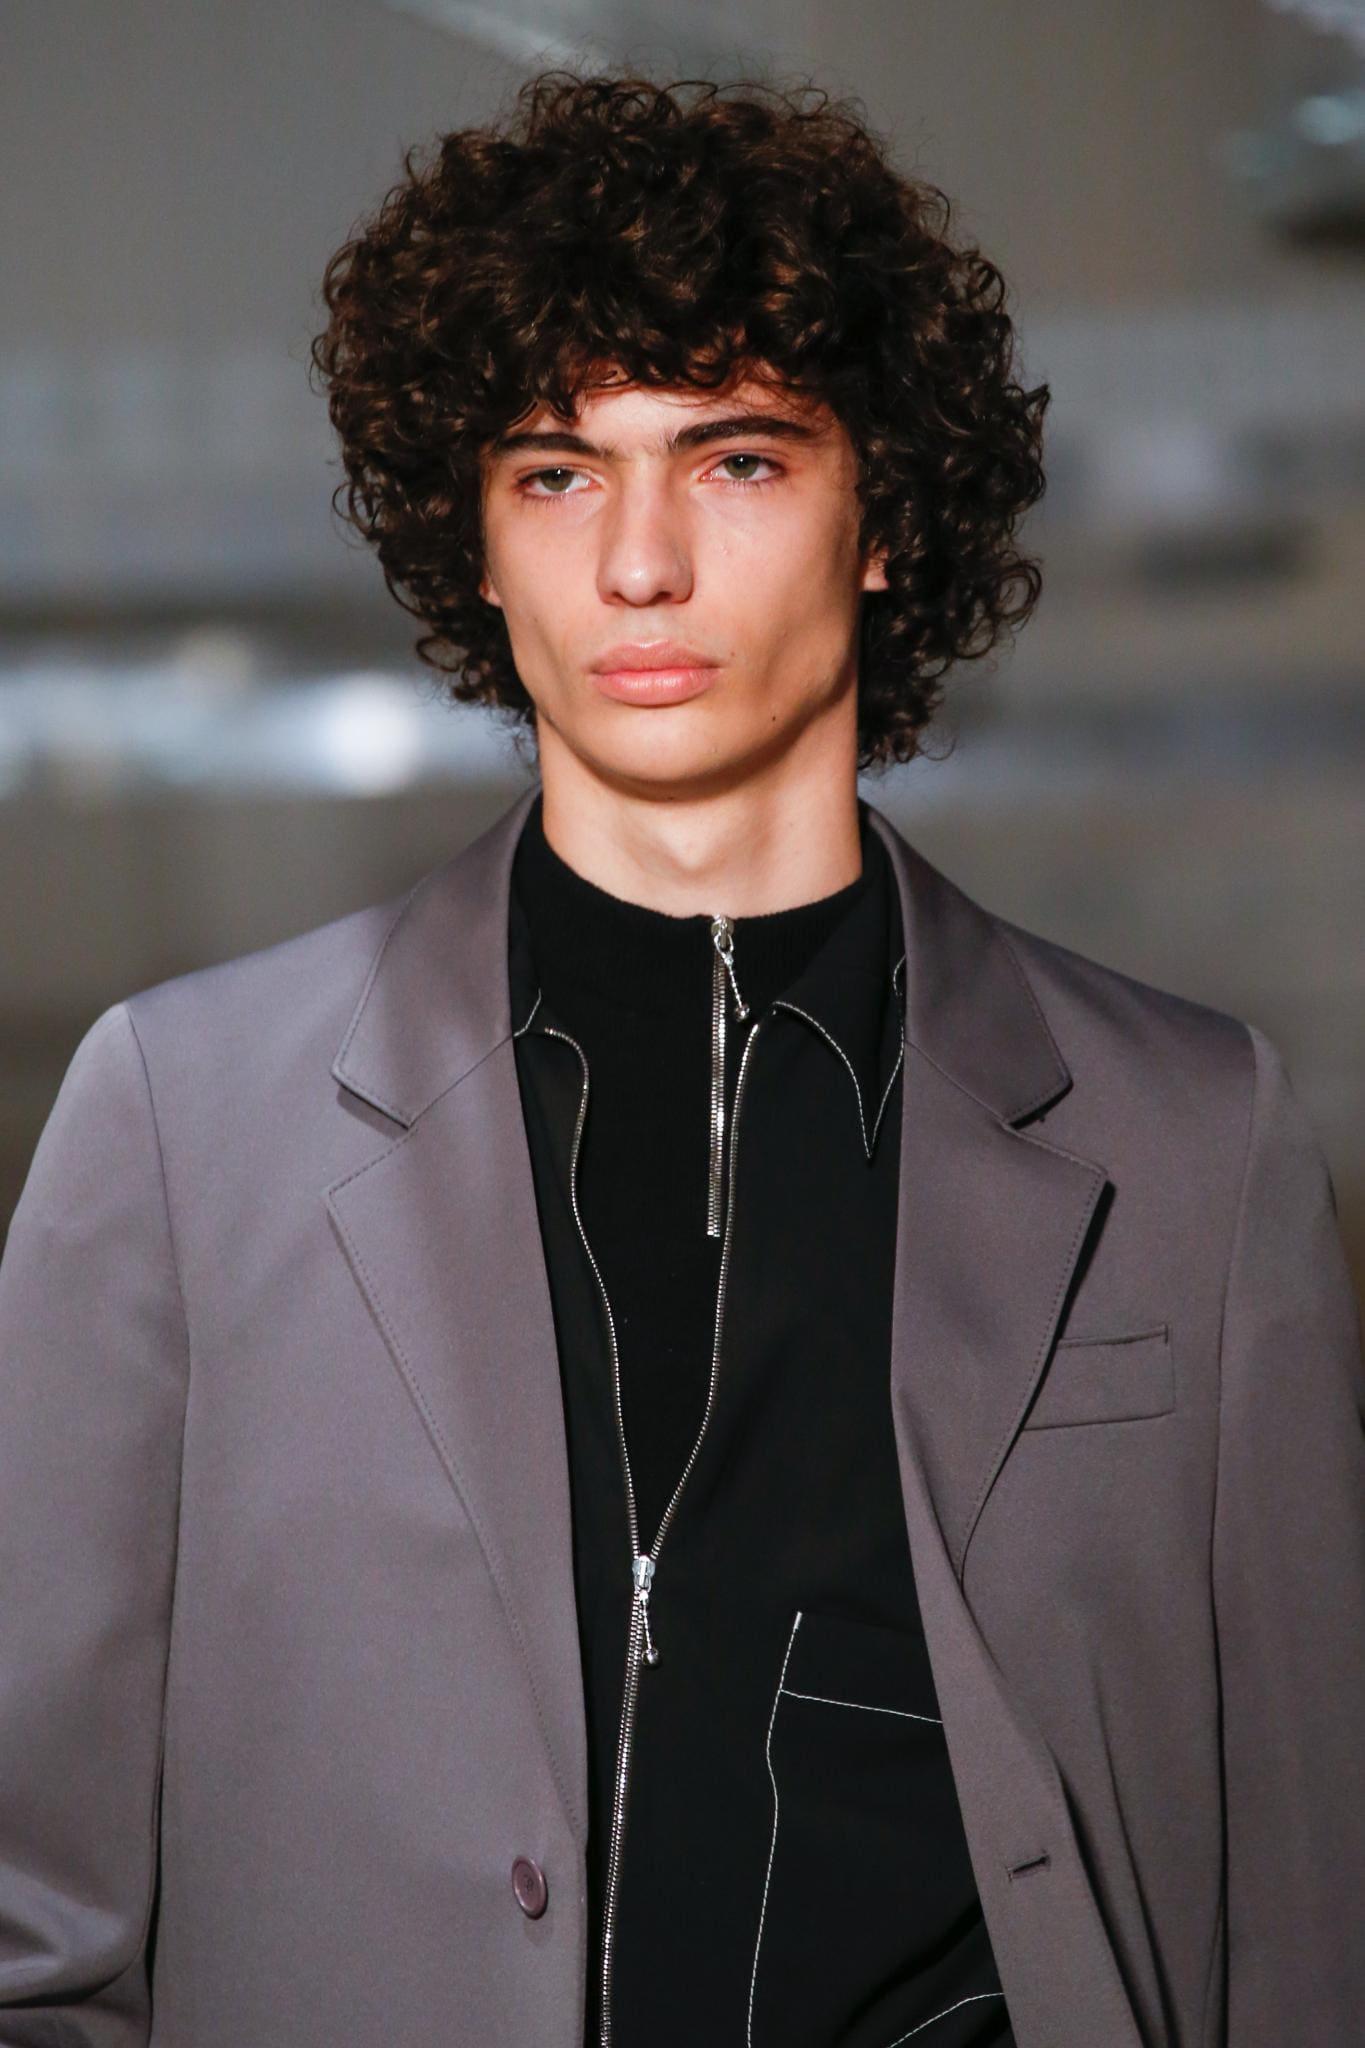 pelo largo con rulos rizado hombre